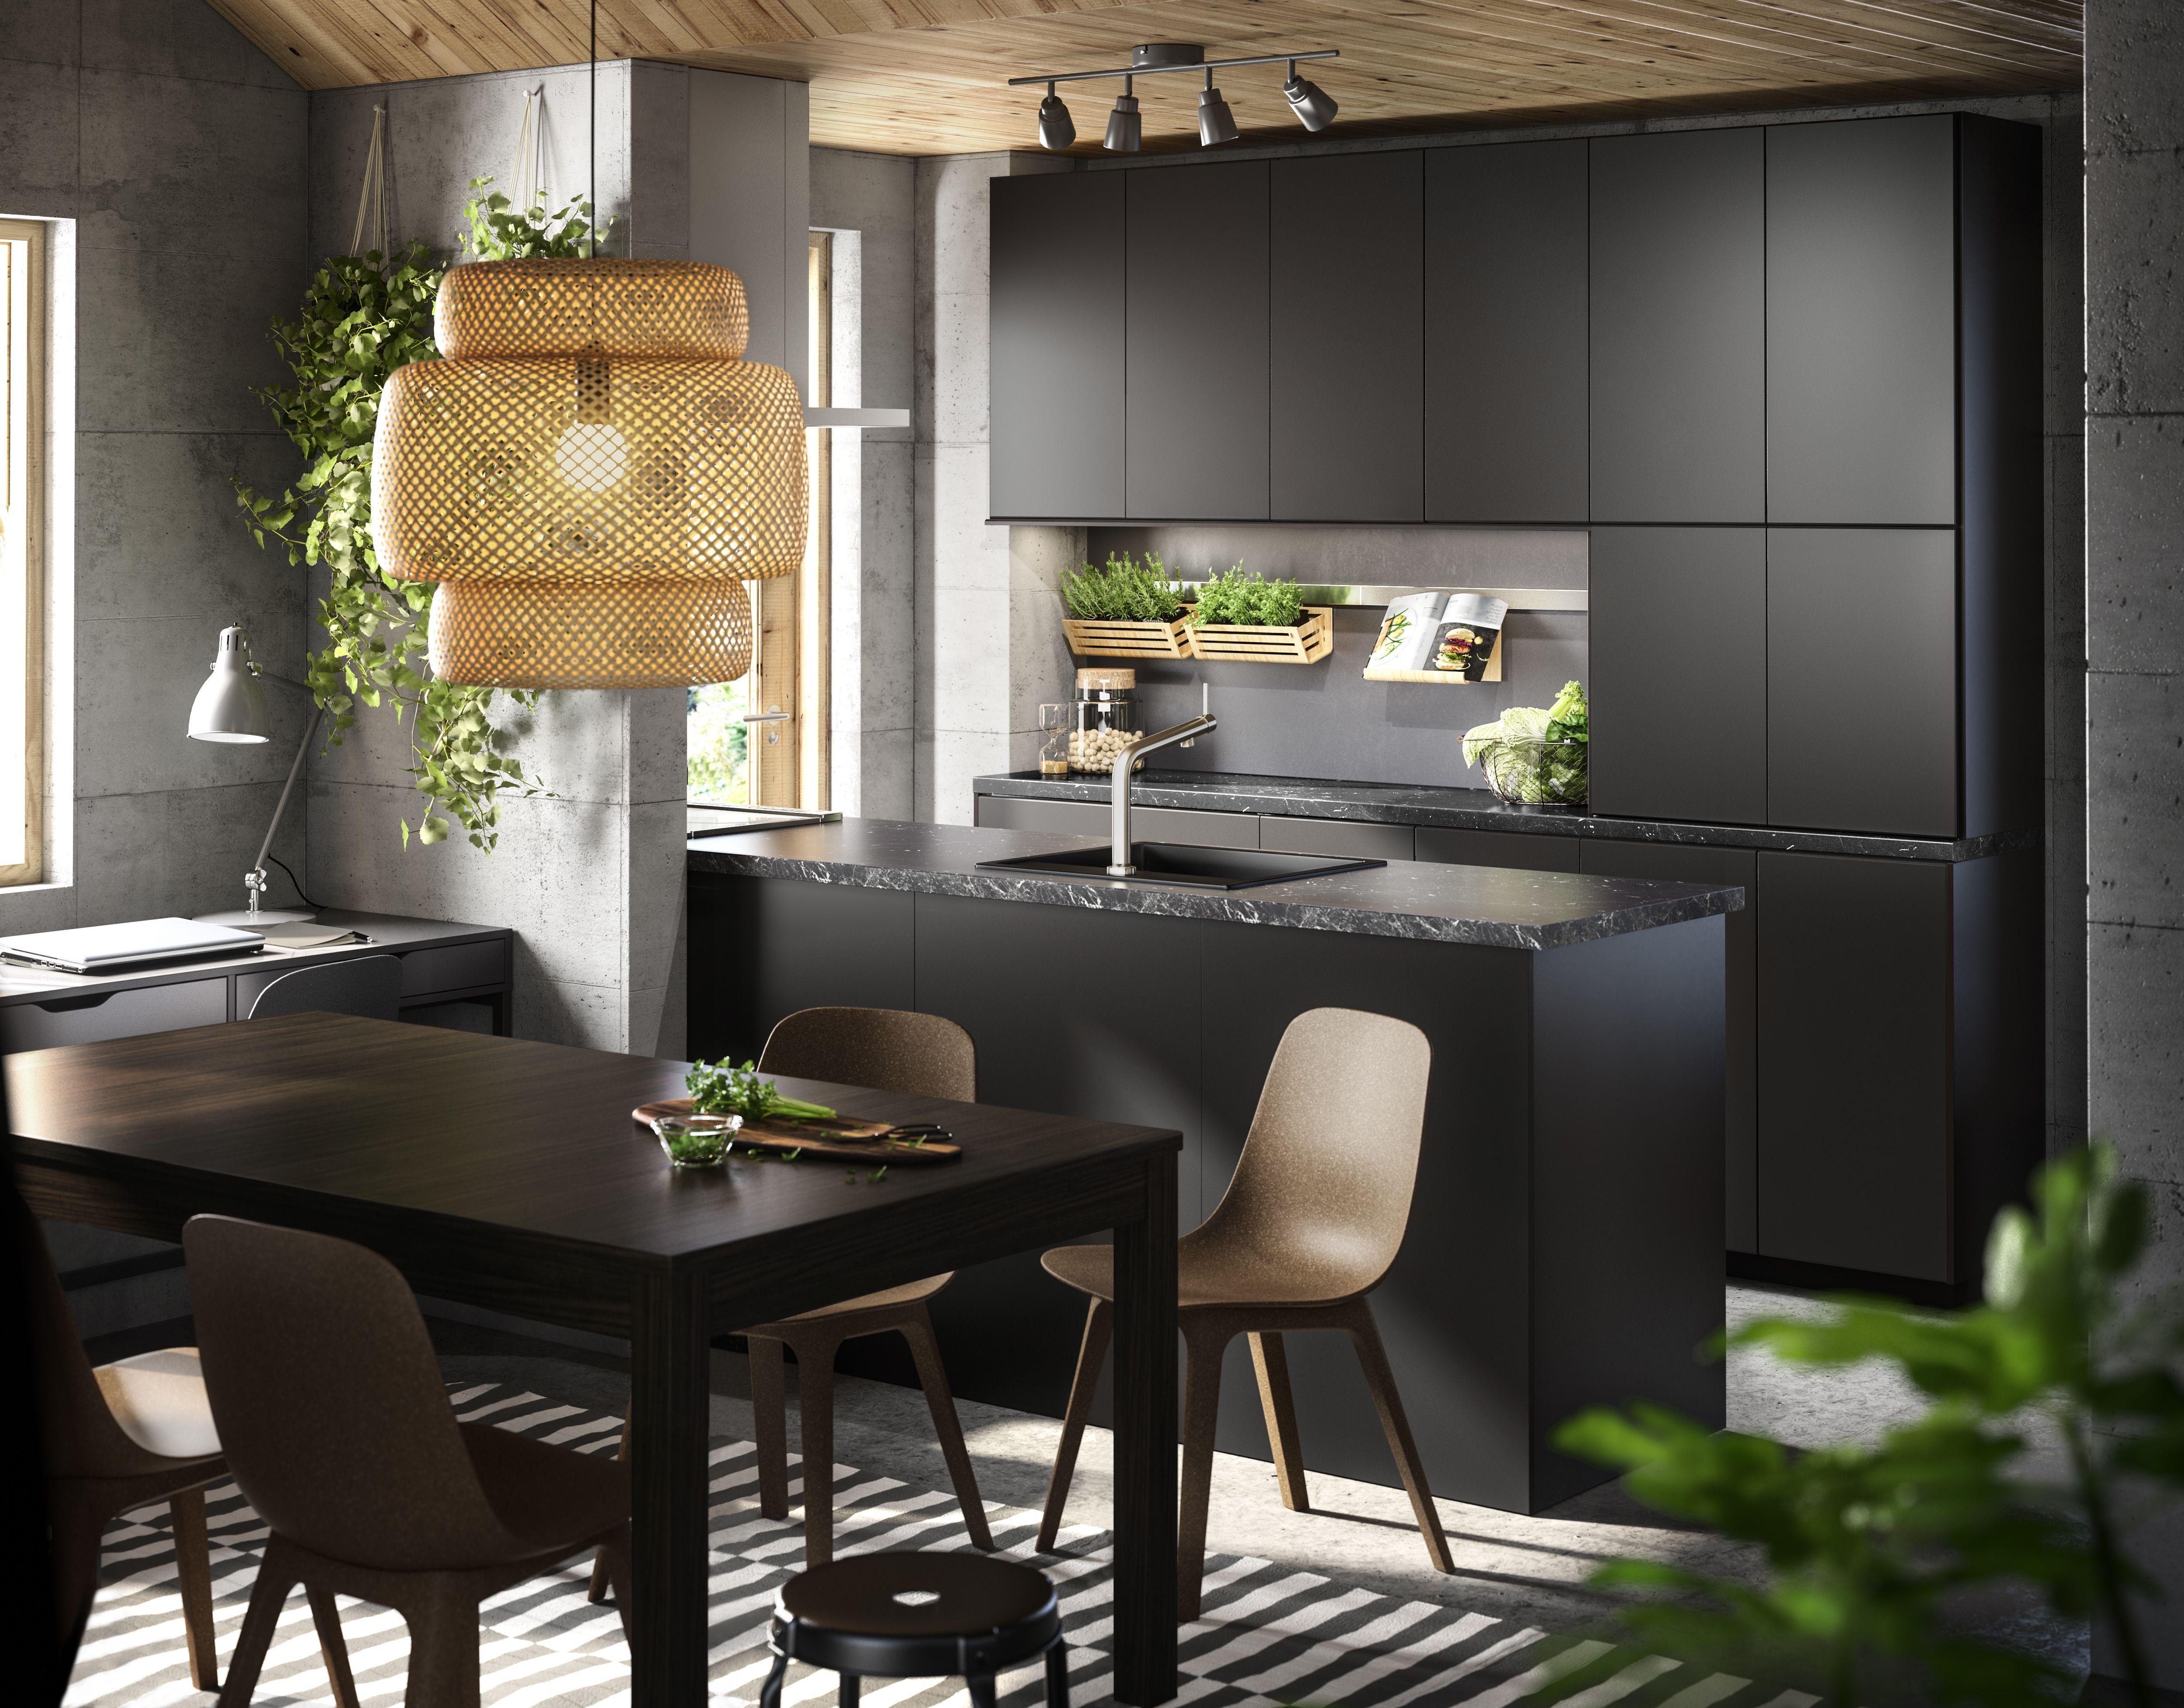 Com Compra Tus Muebles Y Decoracion Online Cocinas De Casa